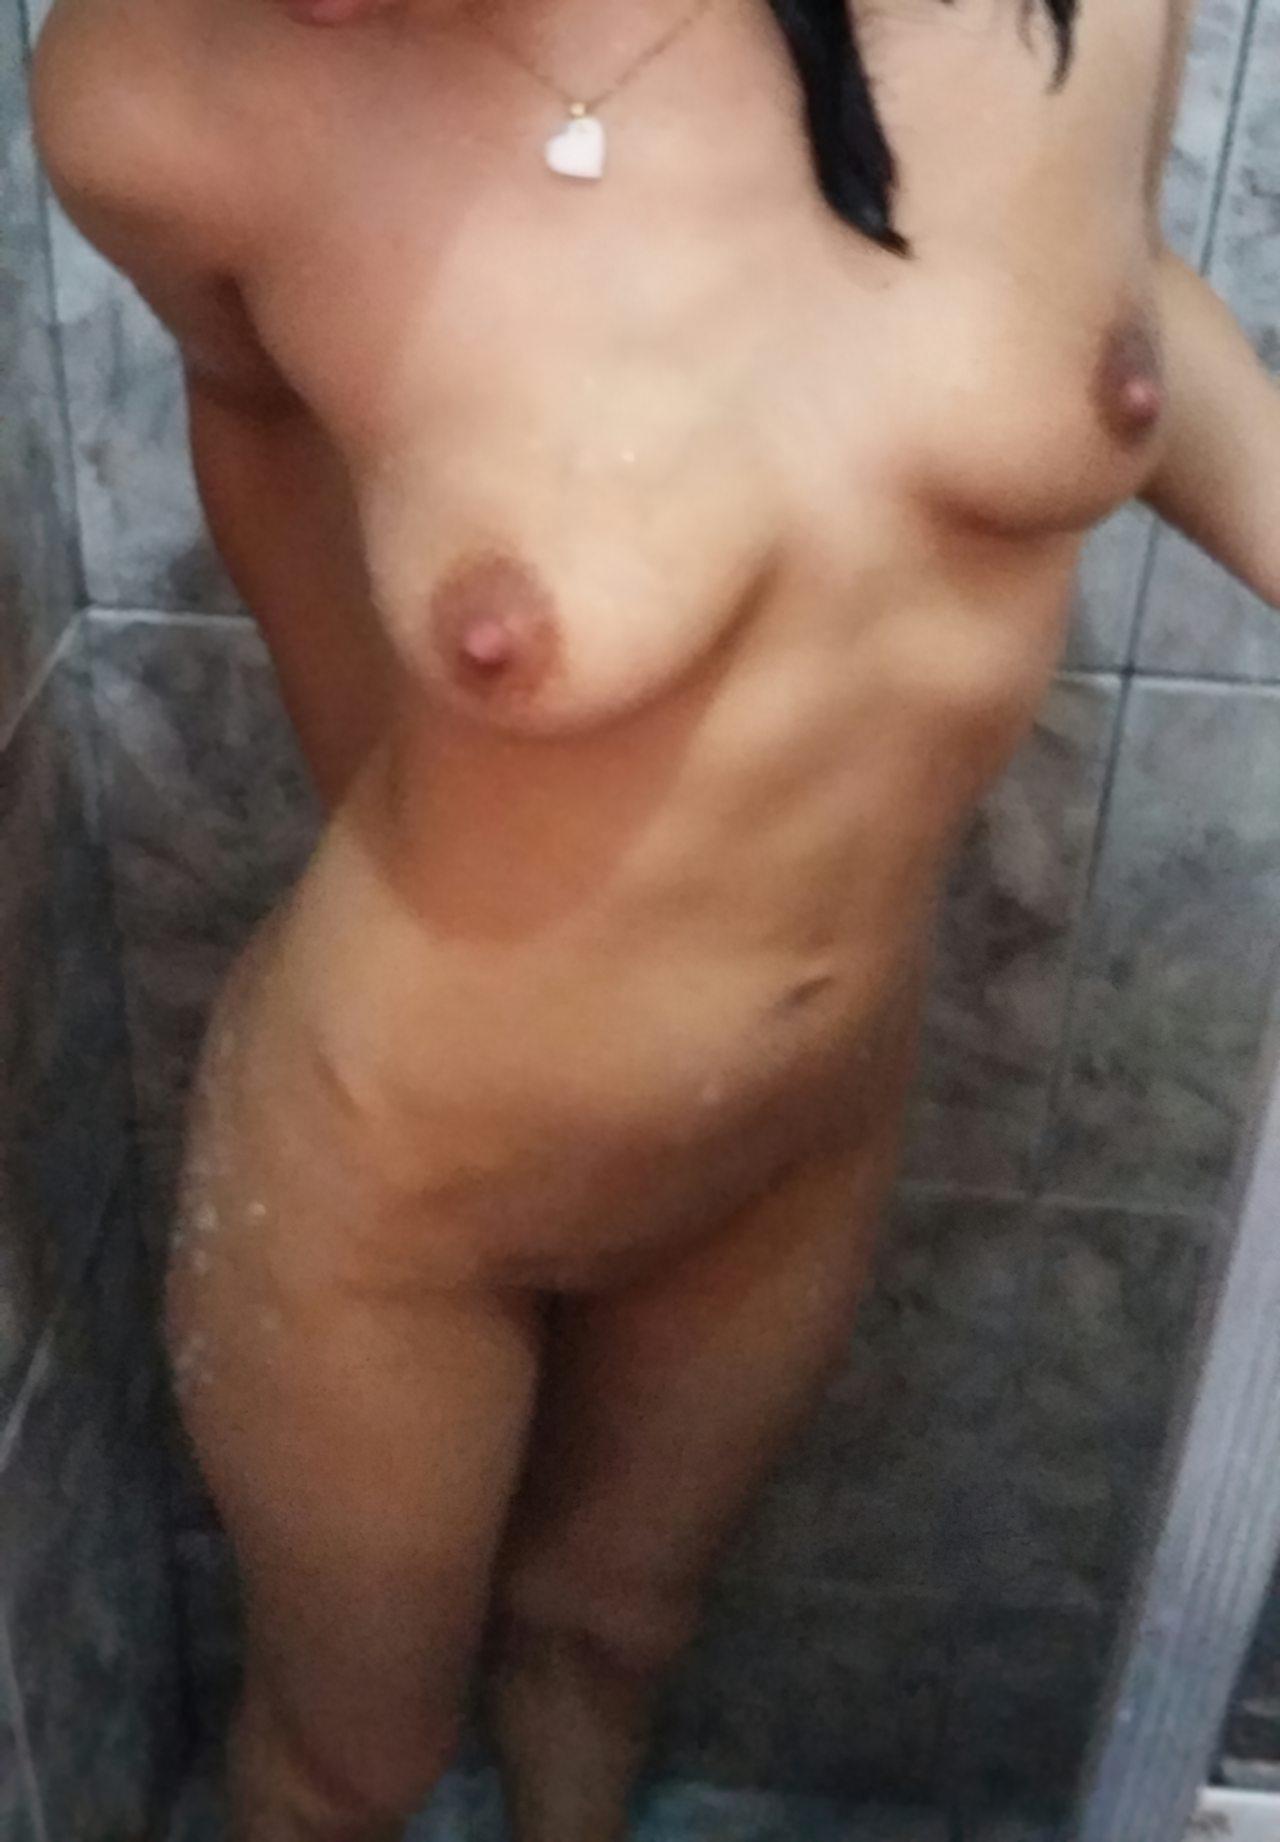 Transando no Banho (1)